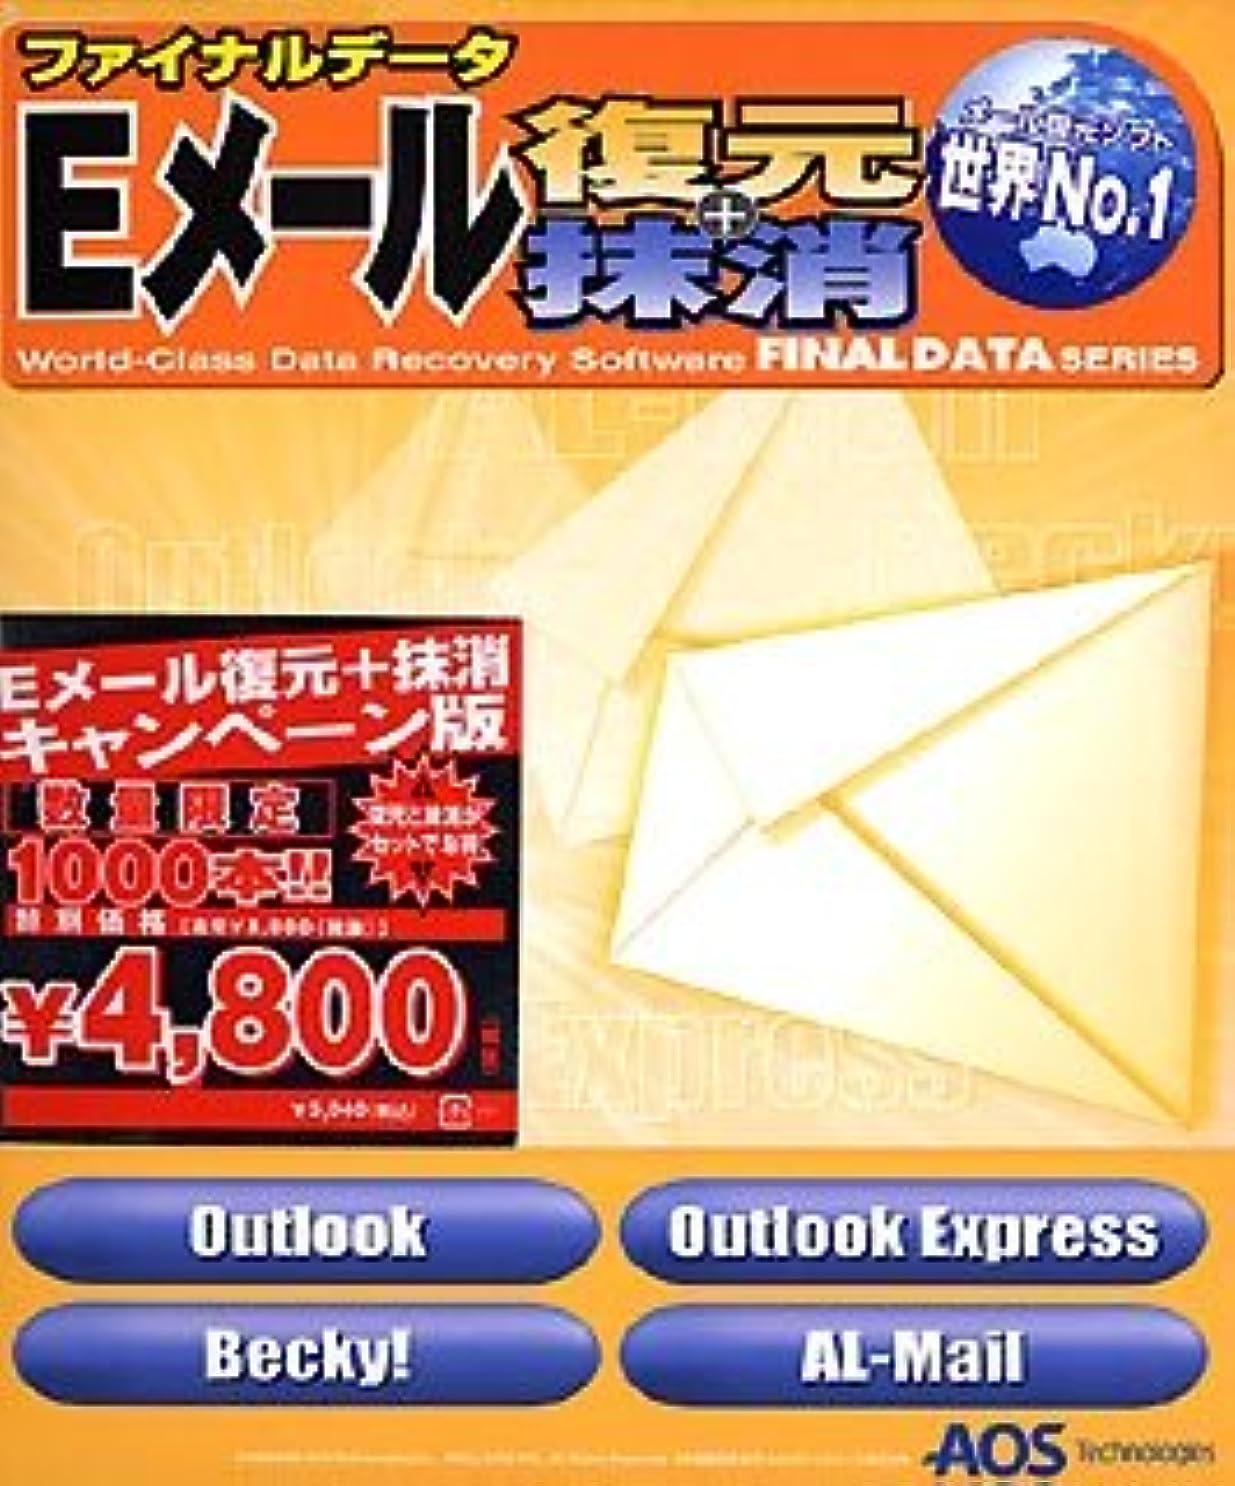 失礼な示す瀬戸際ファイナルデータ Eメール復元 + 抹消 キャンペーン版